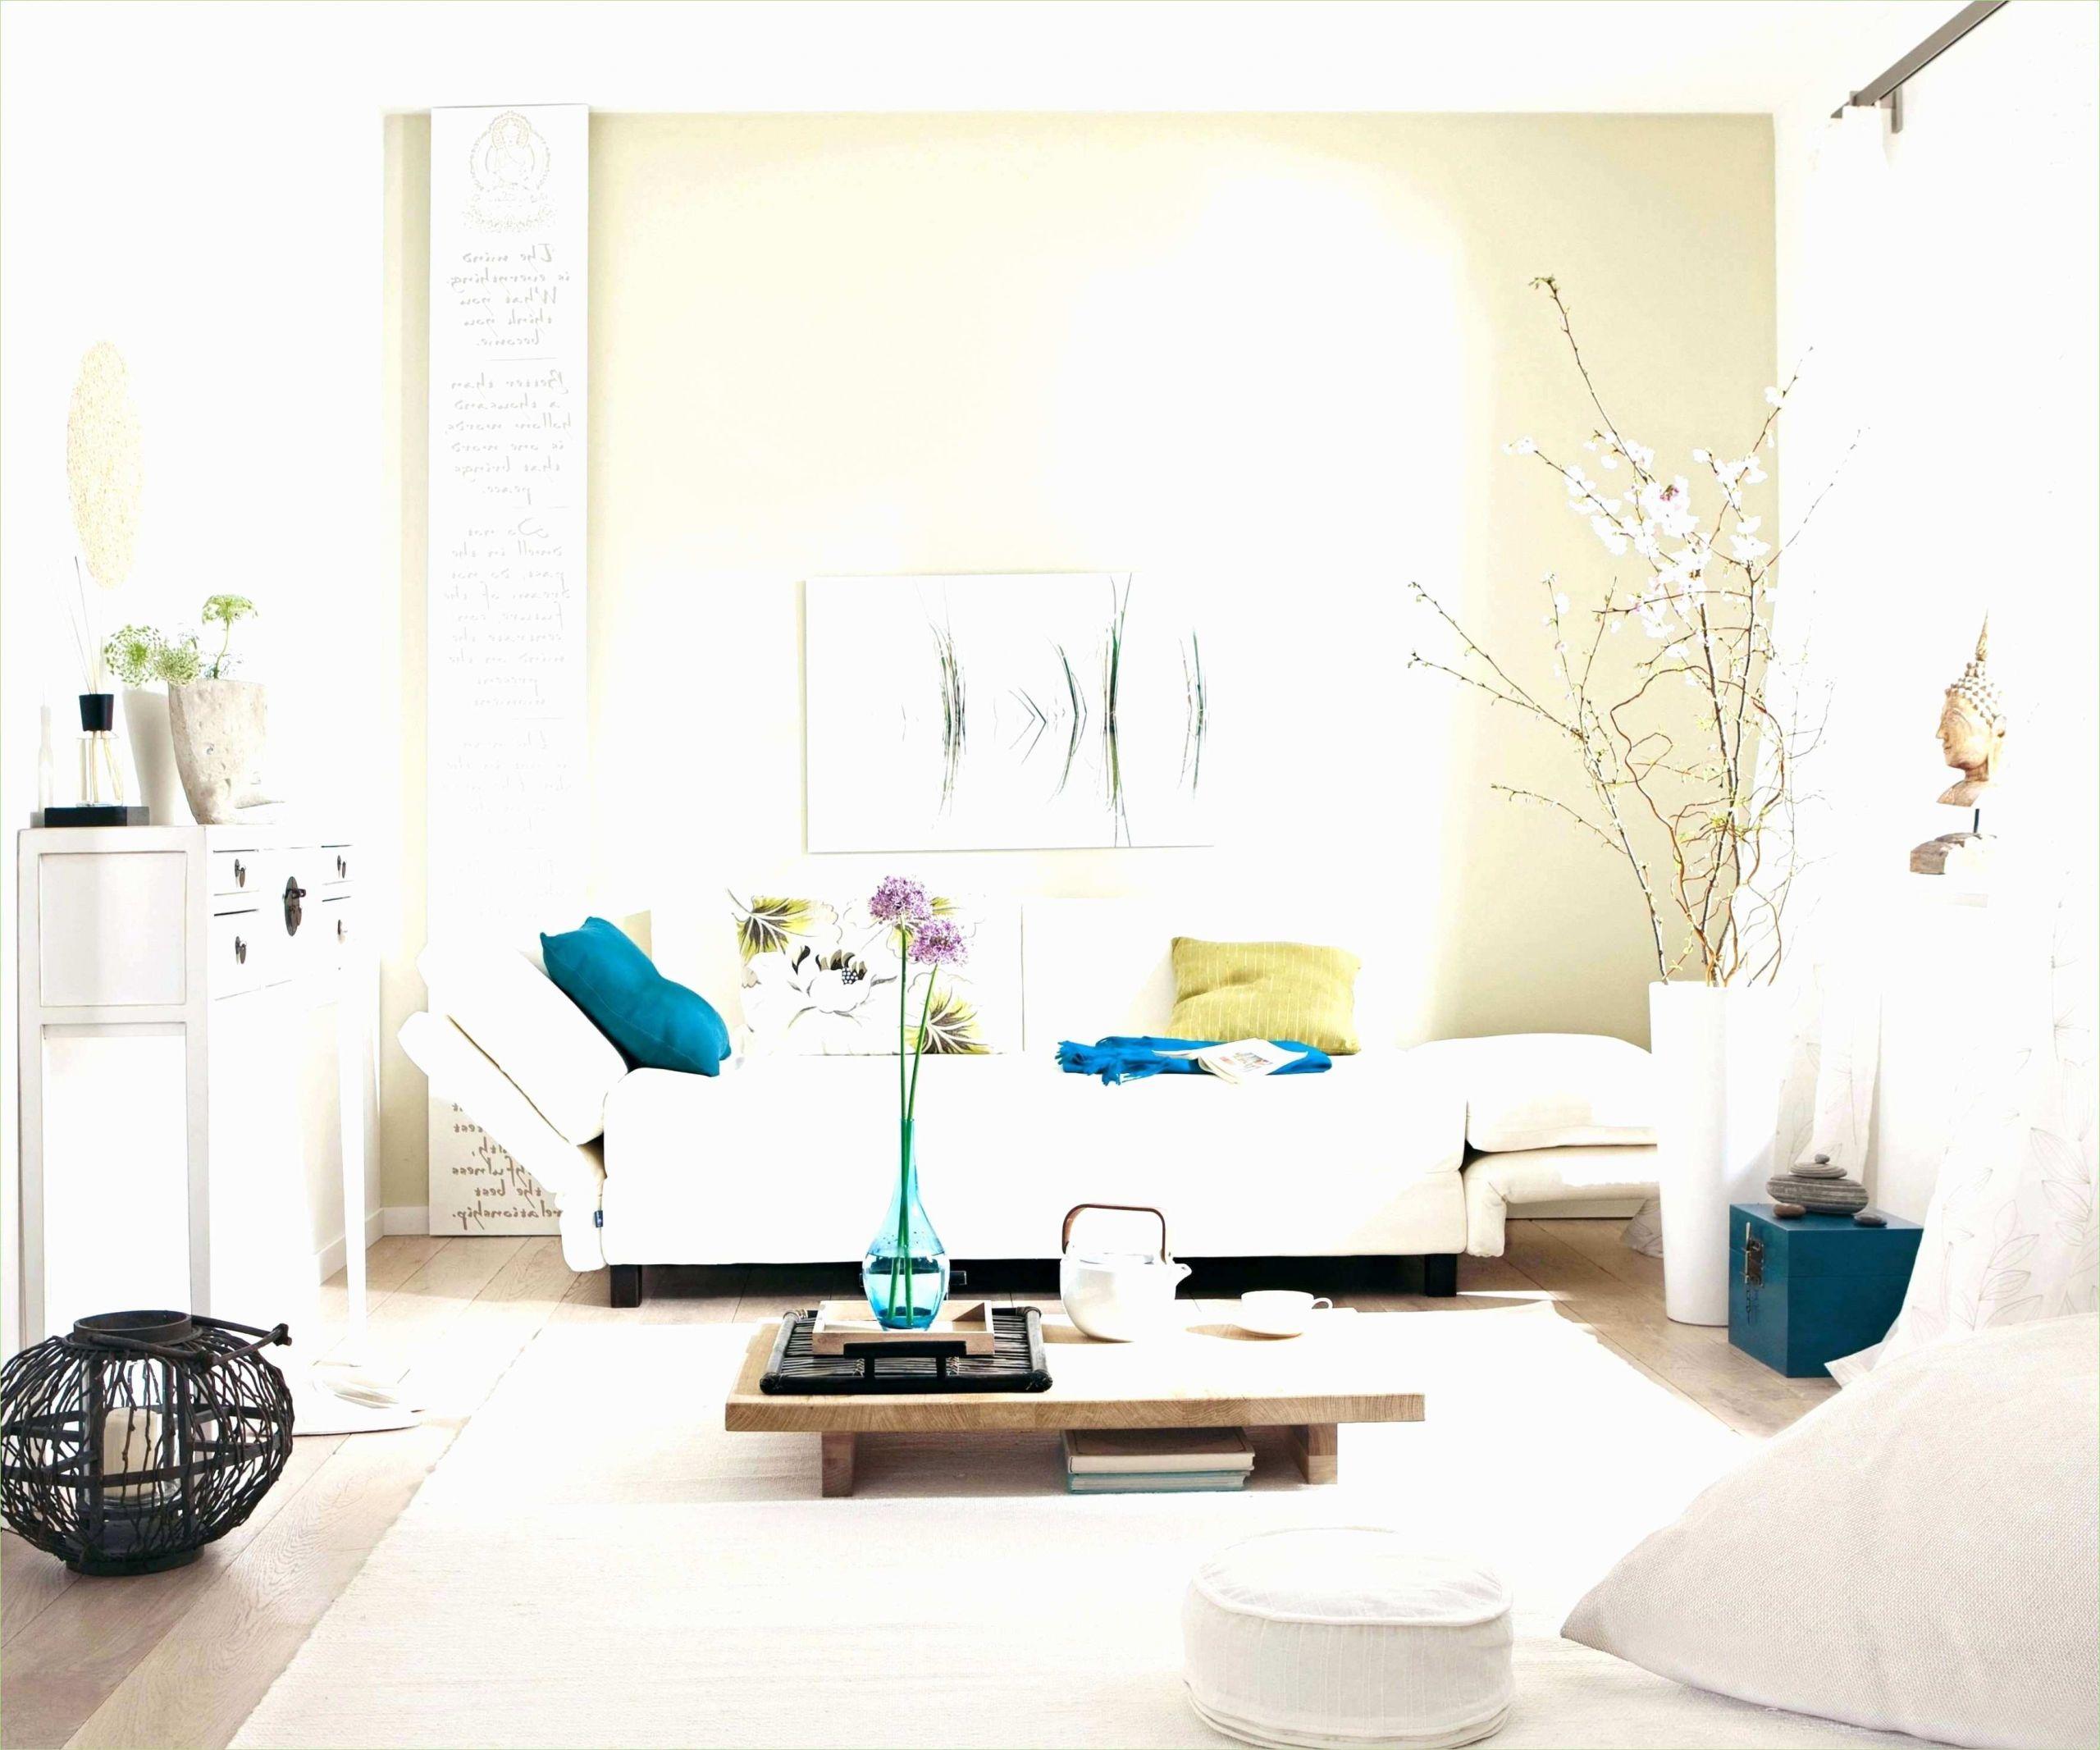 wohnzimmer wand putz neu wohnzimmer tapezieren ideen ideen design von 3d wandpaneele wohnzimmer of 3d wandpaneele wohnzimmer